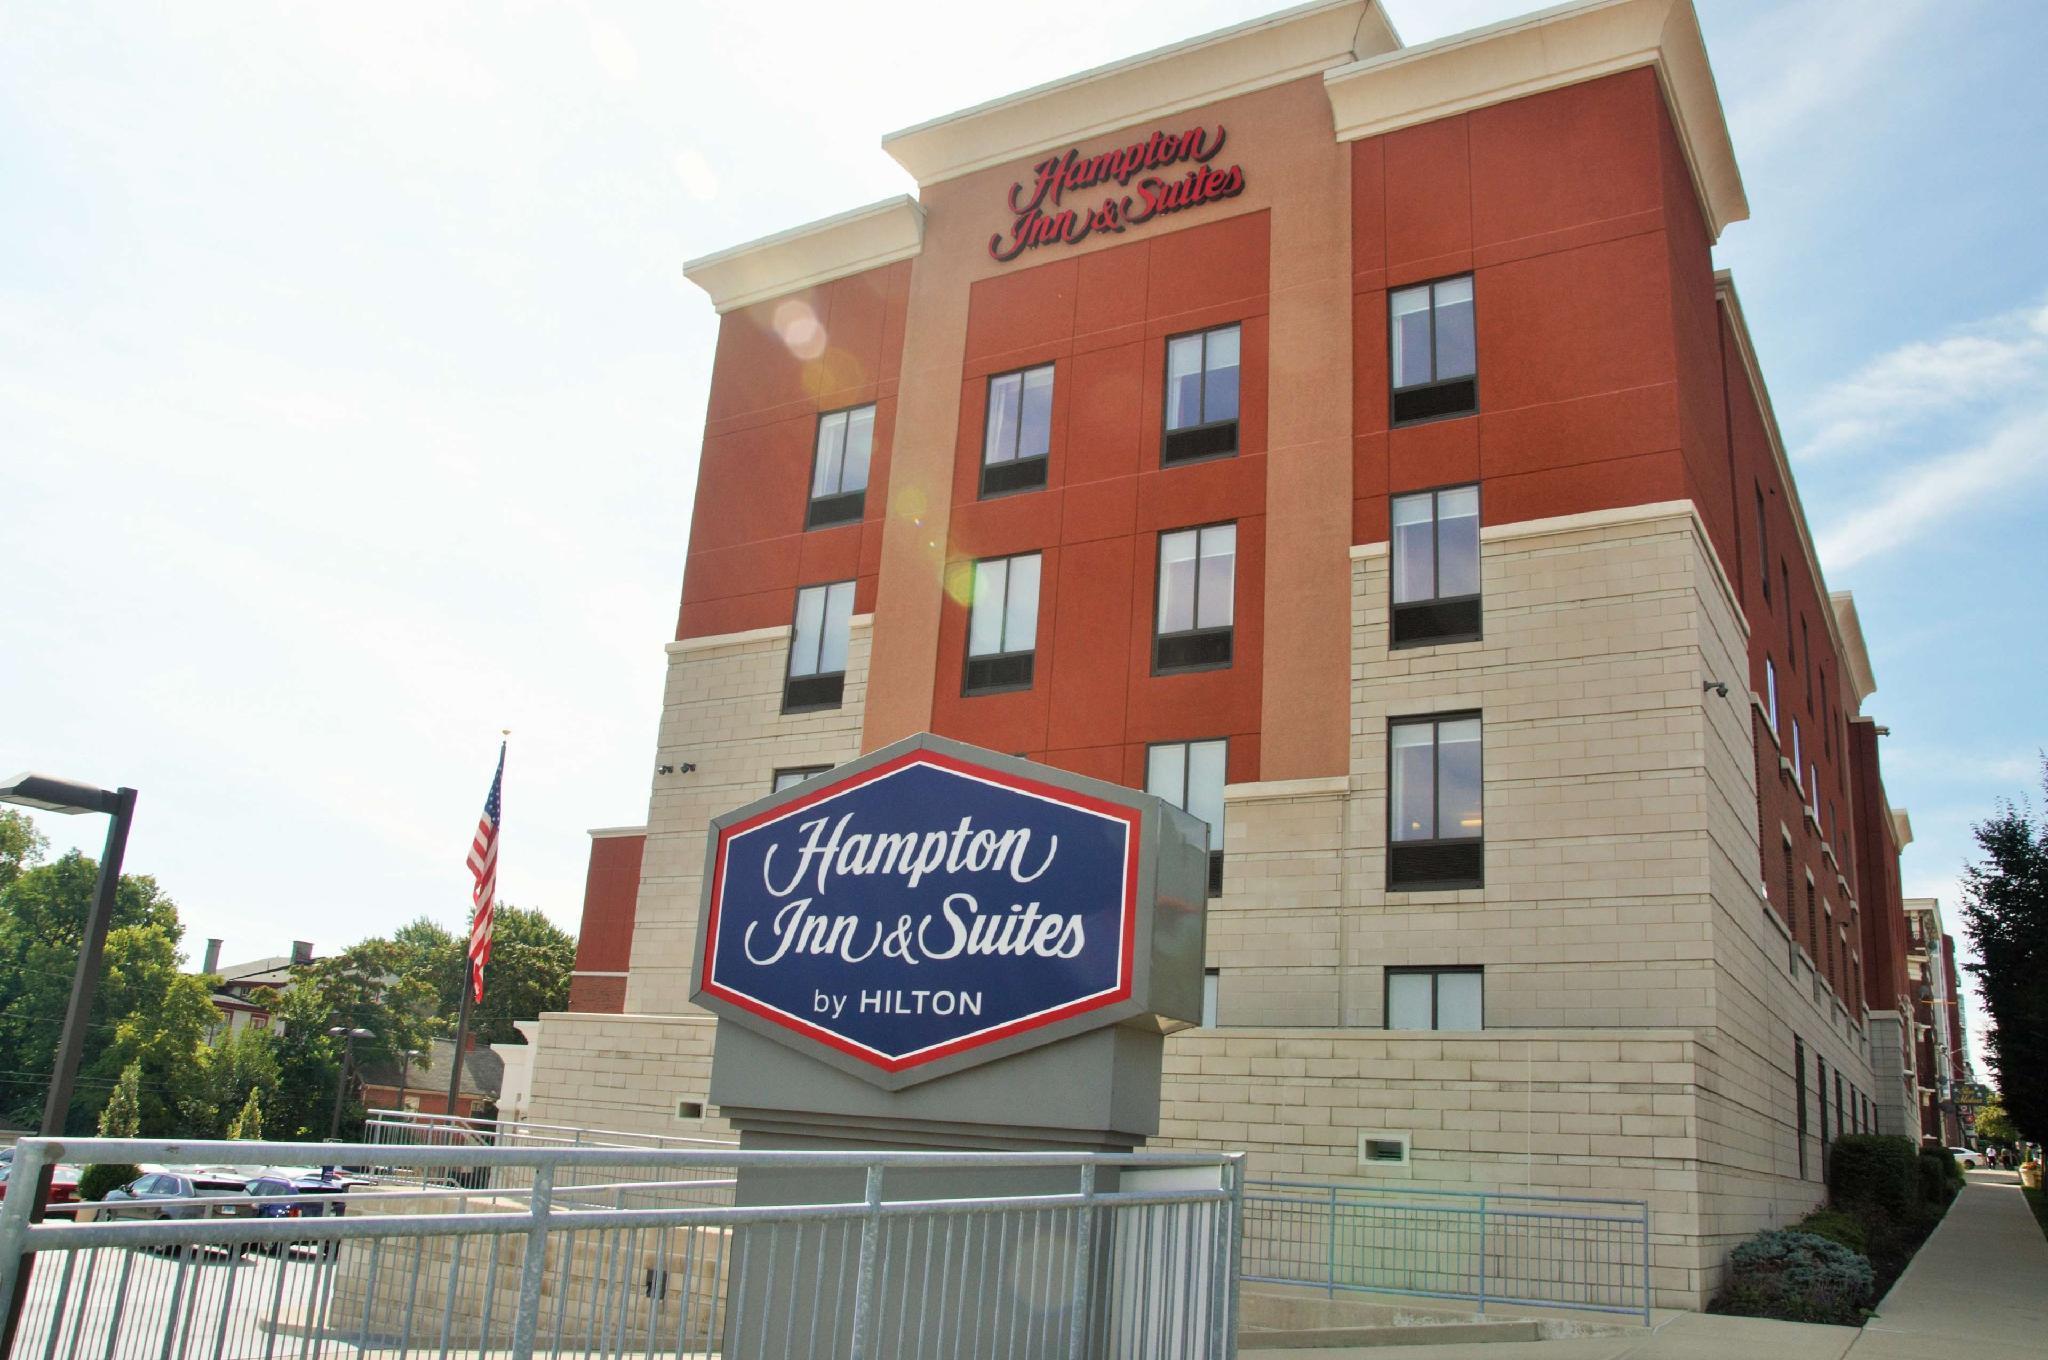 Hampton Inn And Suites Cincinnati Uptown University Area